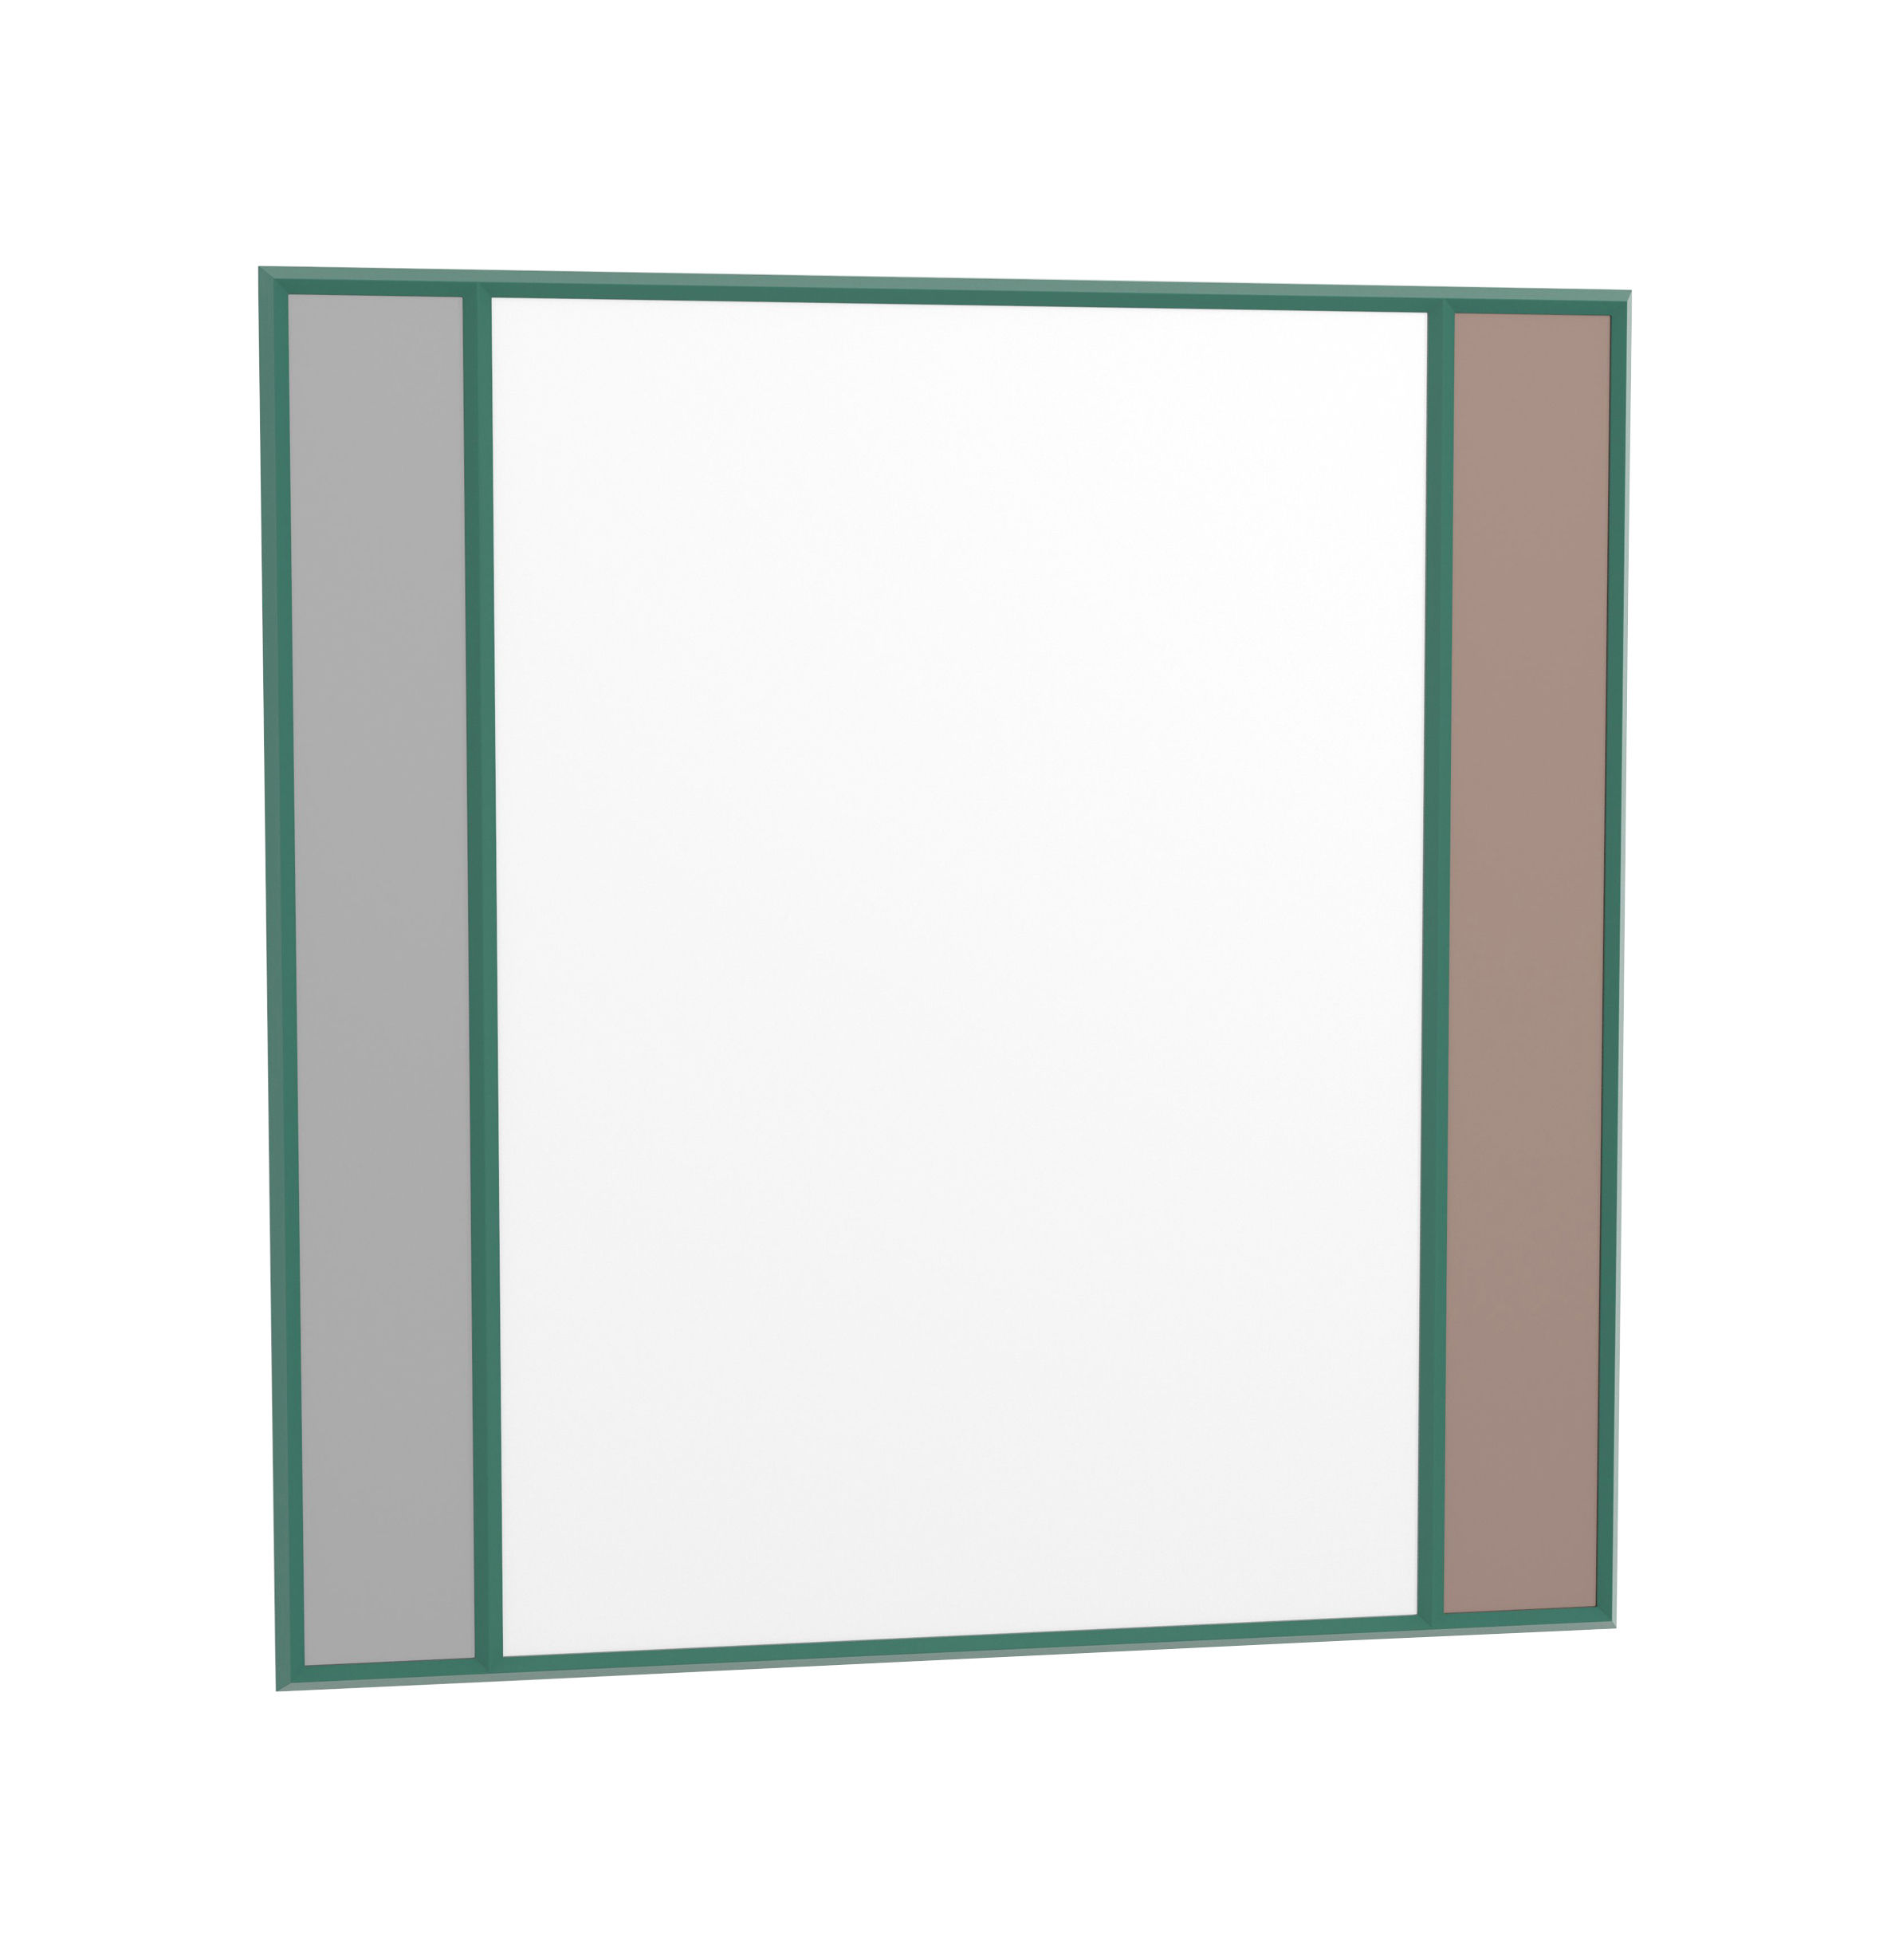 Déco - Miroirs - Miroir mural Vitrail / 50 x 50 cm - Magis - Cadre vert / Beige & gris - Caoutchouc, Verre